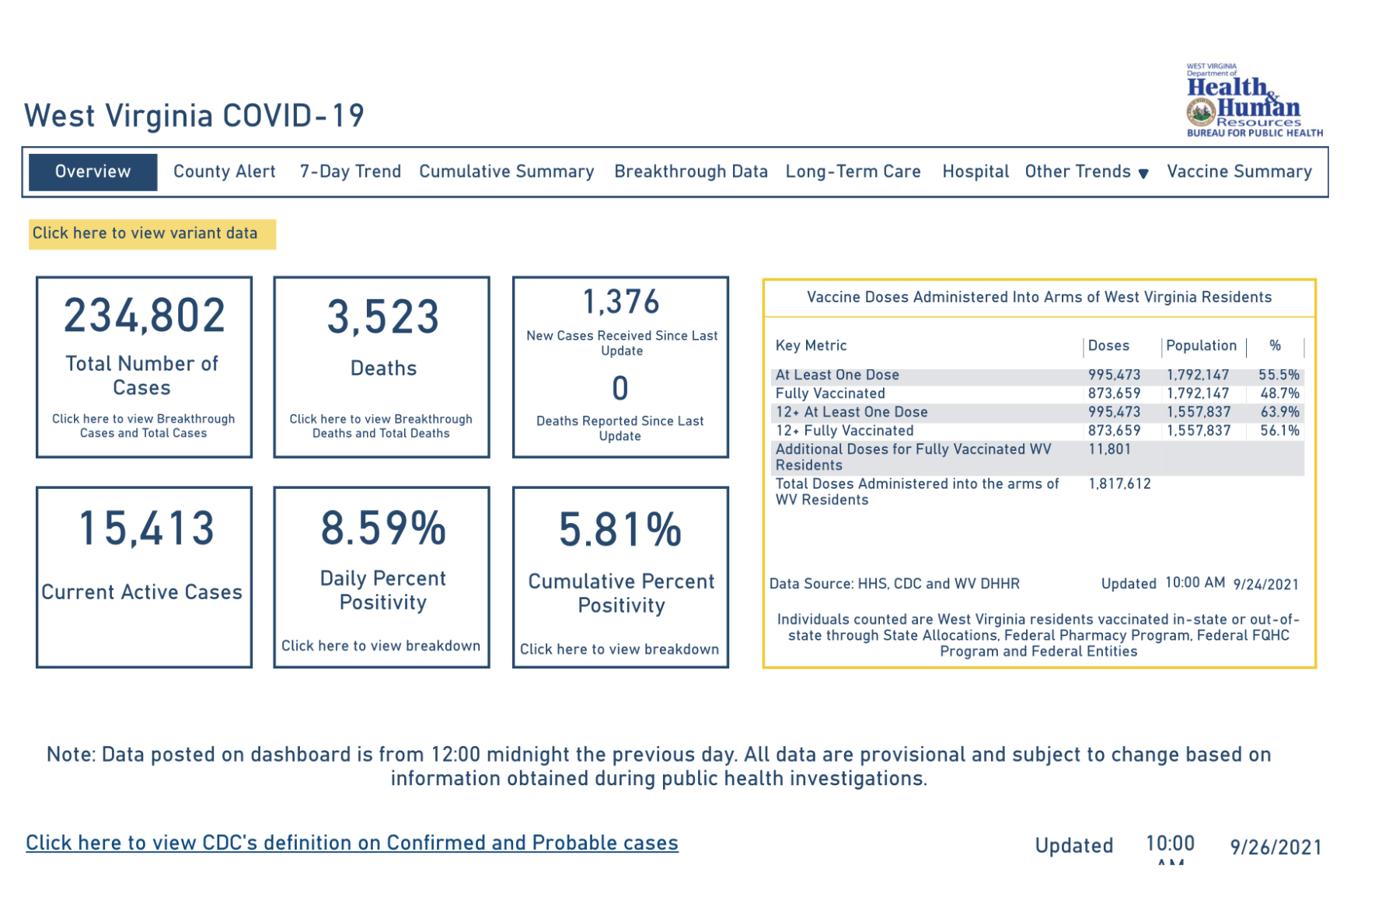 West Virginia COVID-19 Dashboard, 9-26-2021